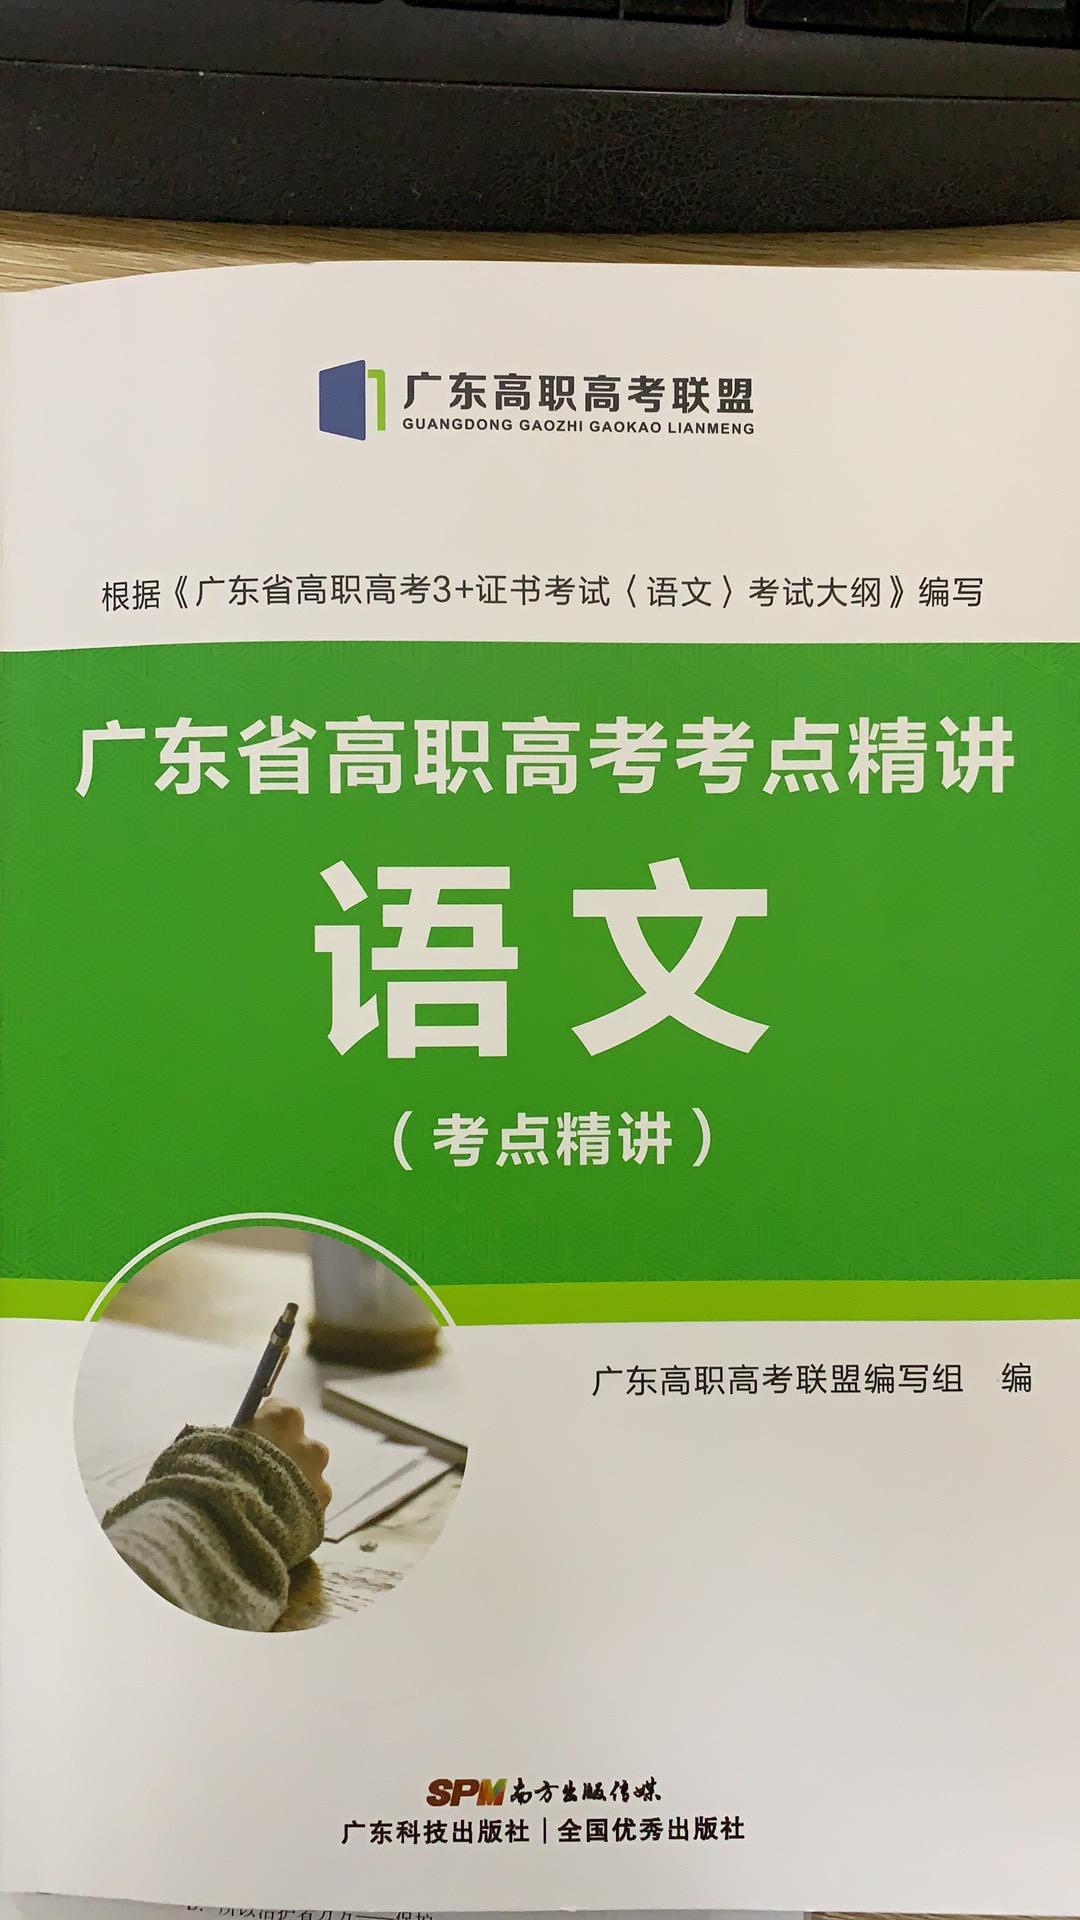 2020年高职高考(3+证书)语文教材第2章第1节现代汉语常用字的字音